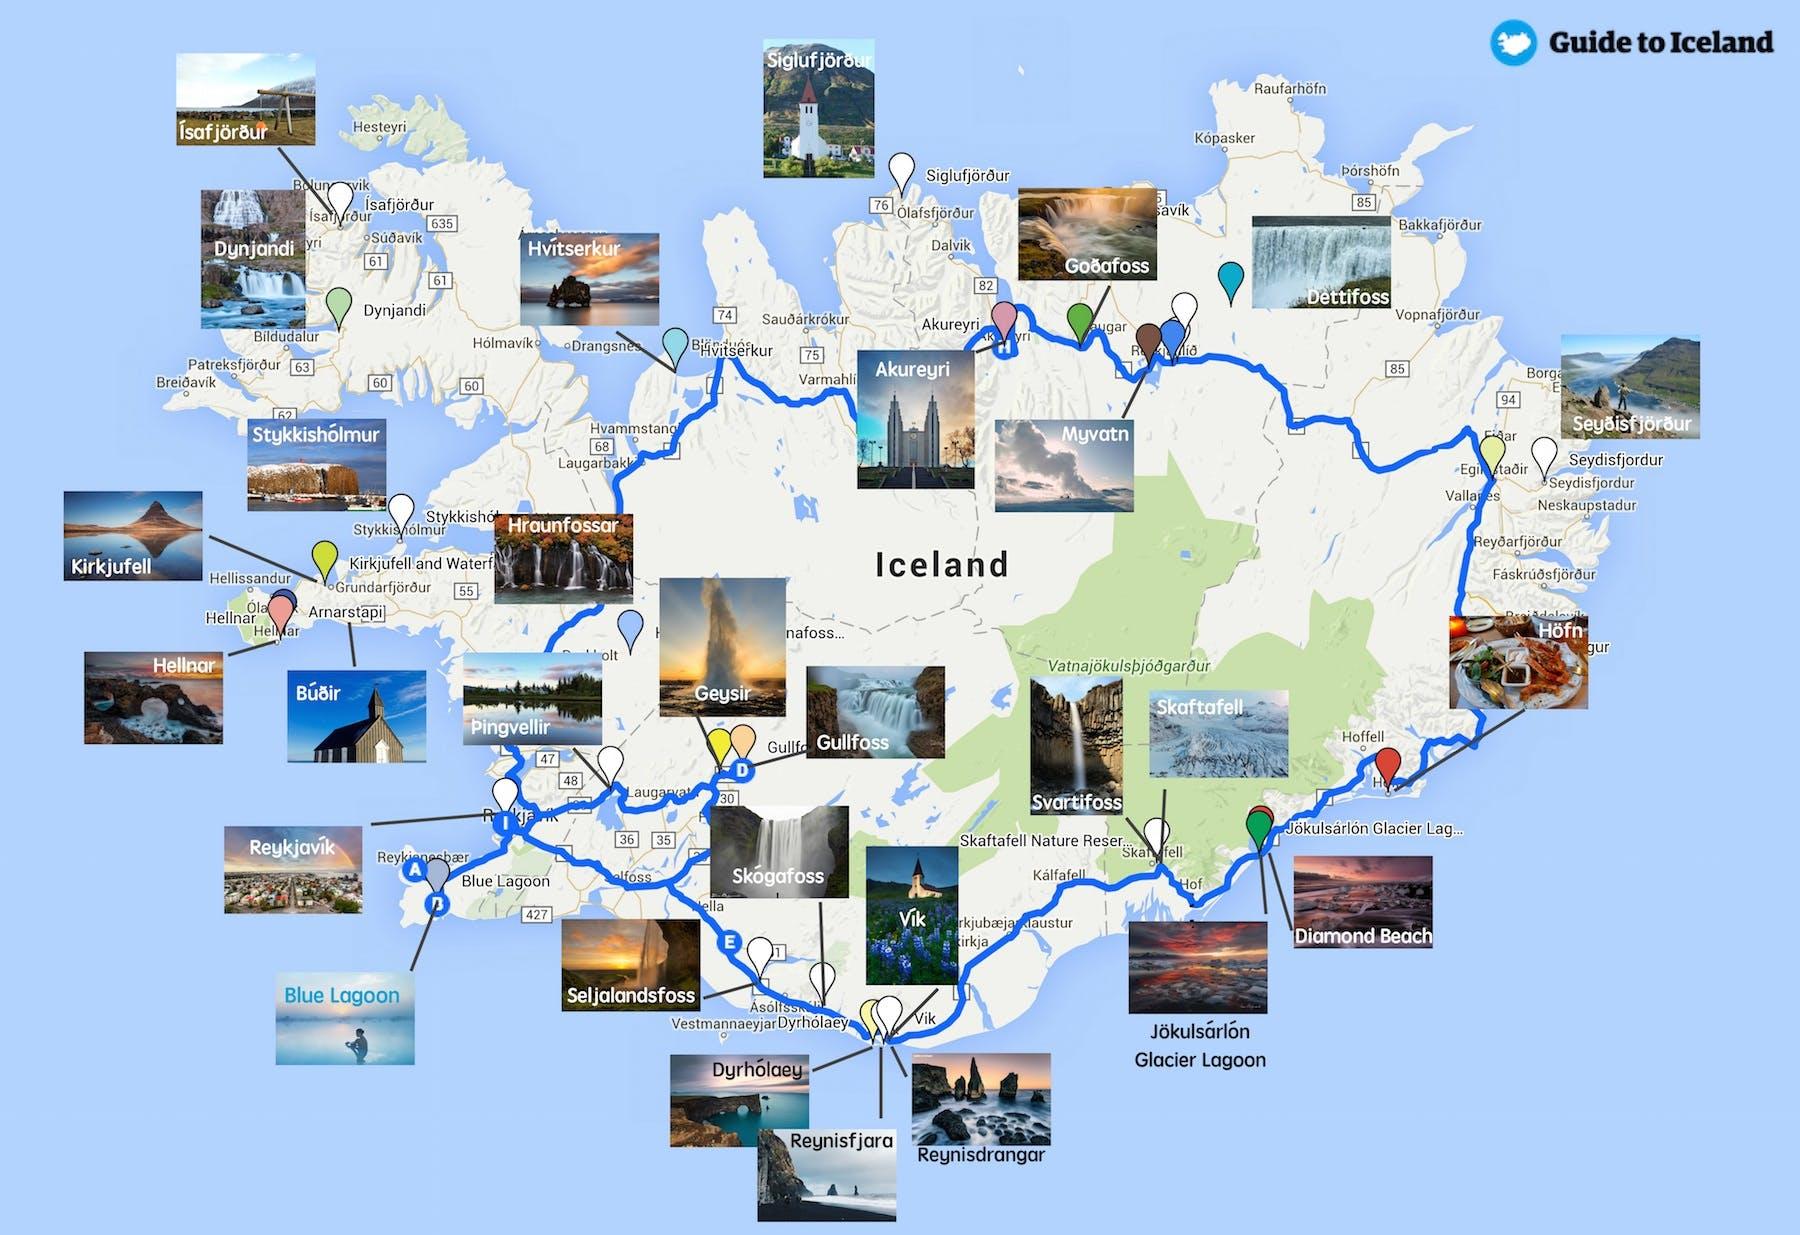 island karte mit sehenswürdigkeiten Die besten Sehenswürdigkeiten an der Ringstraße | Guide to Iceland island karte mit sehenswürdigkeiten